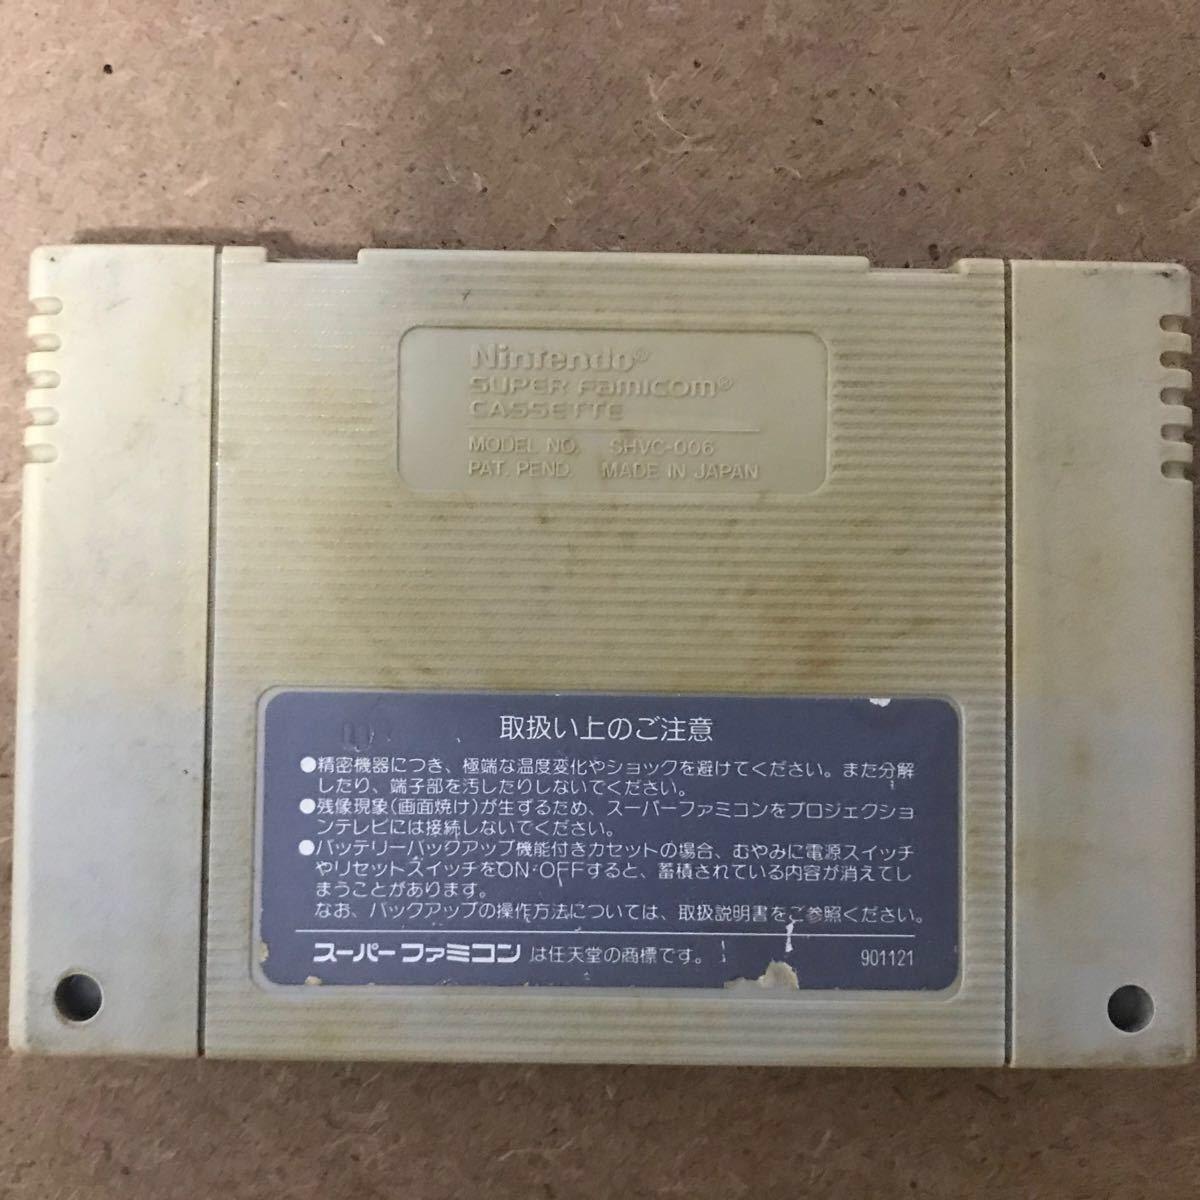 SFC スーパーファミコン ファイナルファイト カプコン レトロゲーム レトロ スーファミ